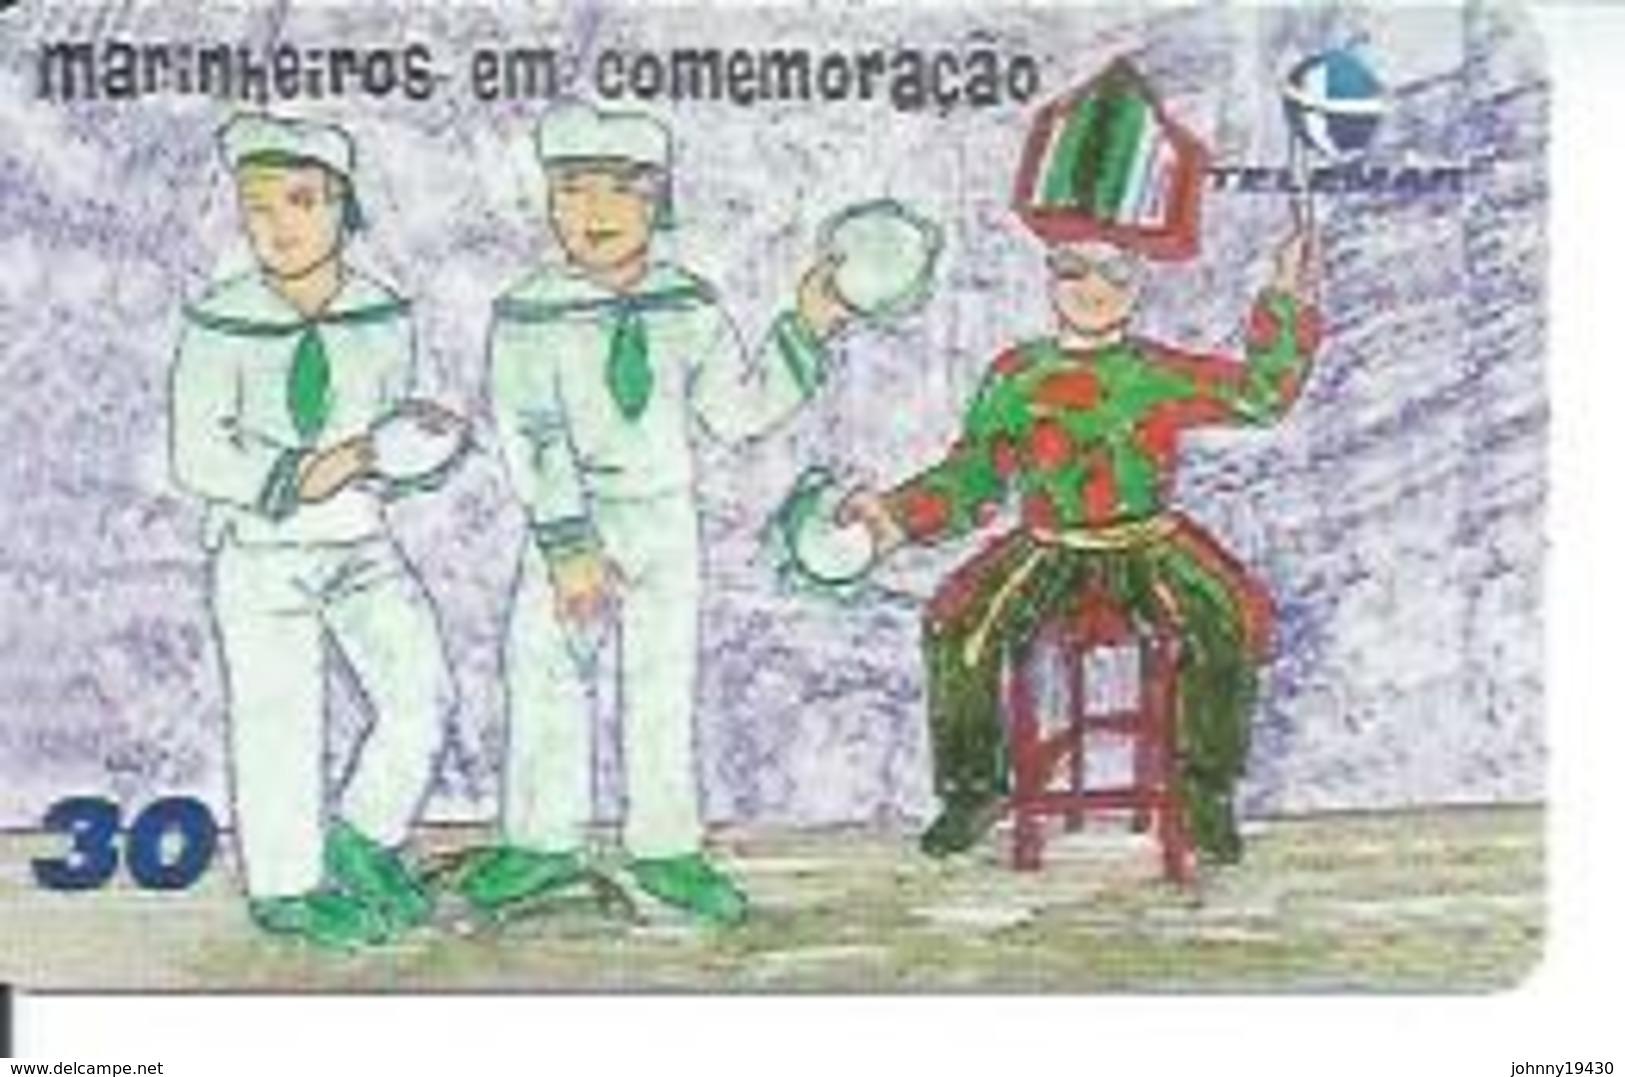 TELEMAR 30 - MARINHEIROS EM COMEMORACAO   - BRESIL 03/2001 - Brésil